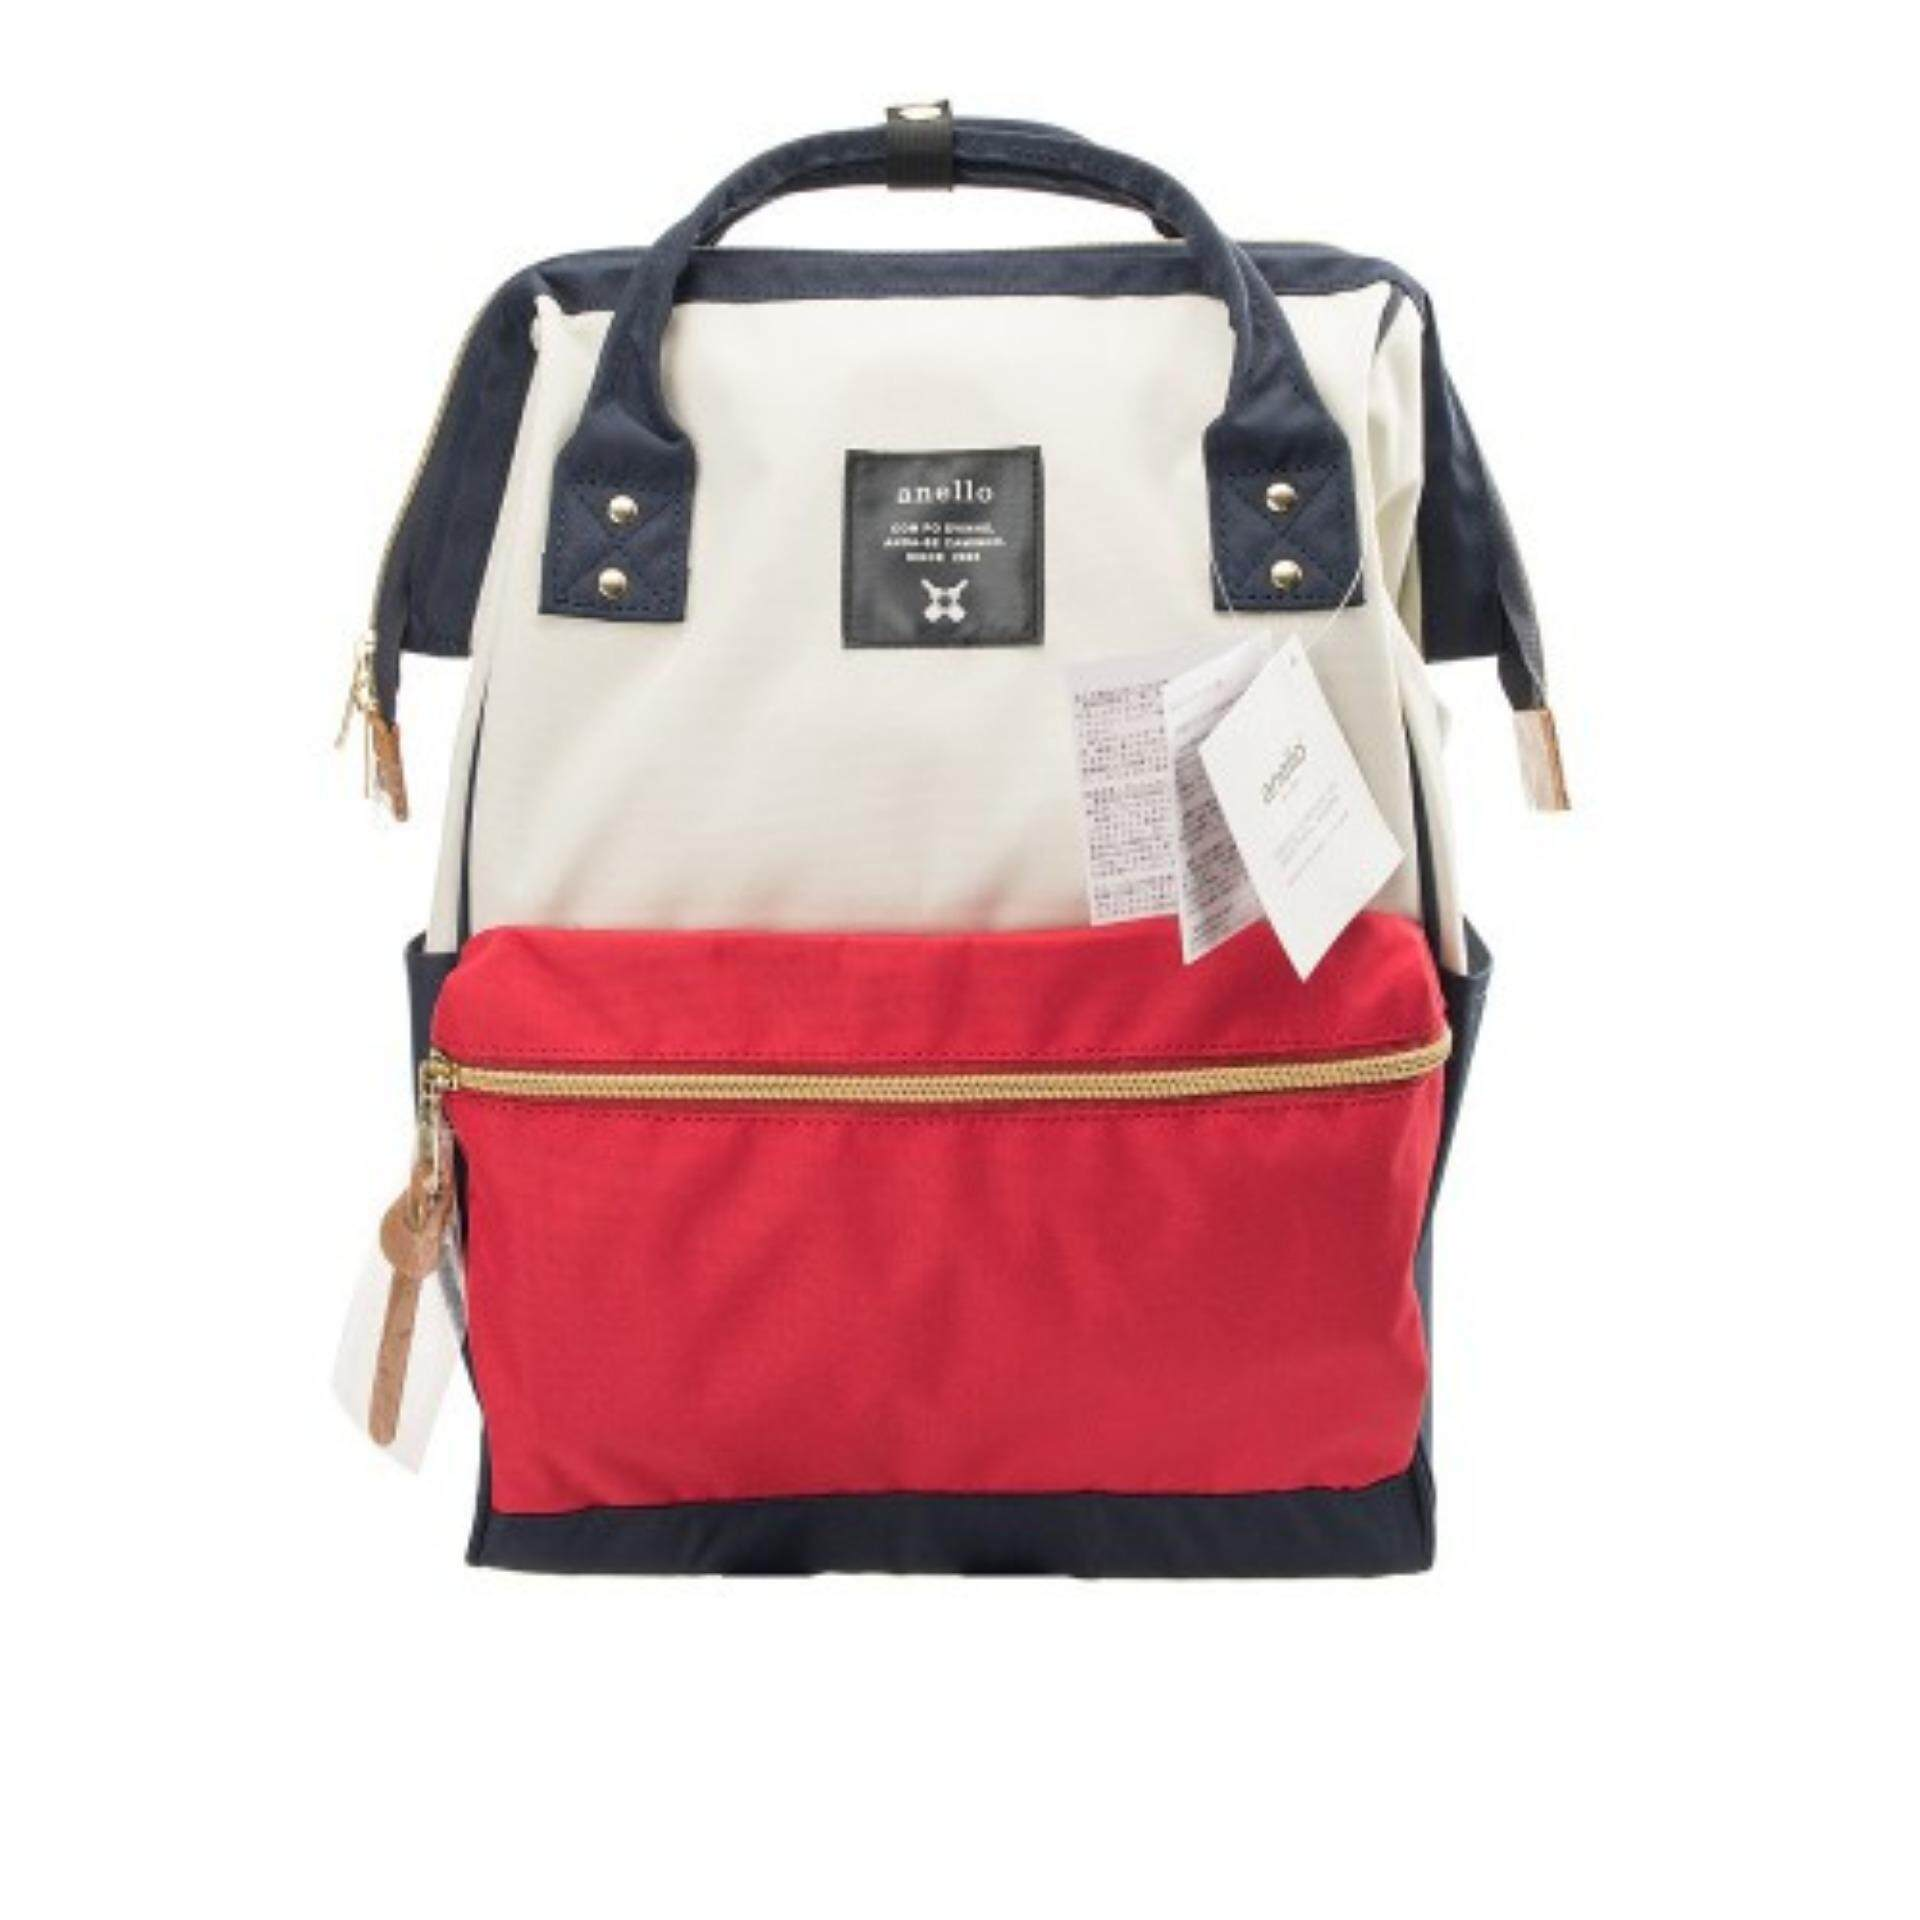 ยี่ห้อไหนดี  นครนายก กระเป๋าเป้สะพายหลัง Anello Canvas Unisex Backpack MIX-F (Classic Size) - Japan Imported 100%